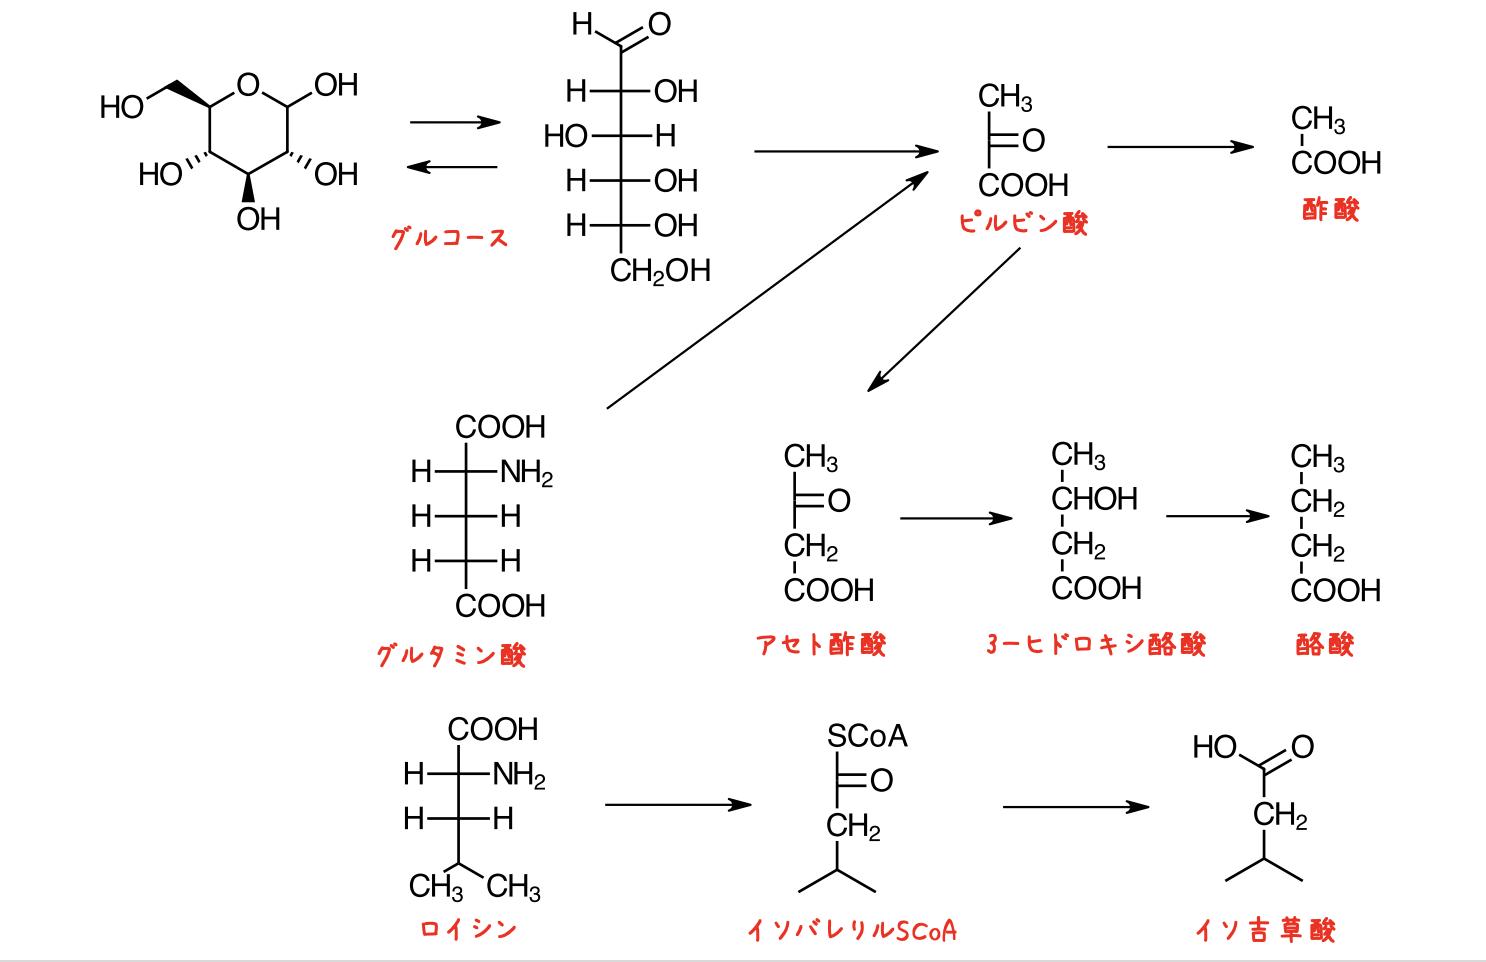 低級脂肪酸の悪臭物質の生成